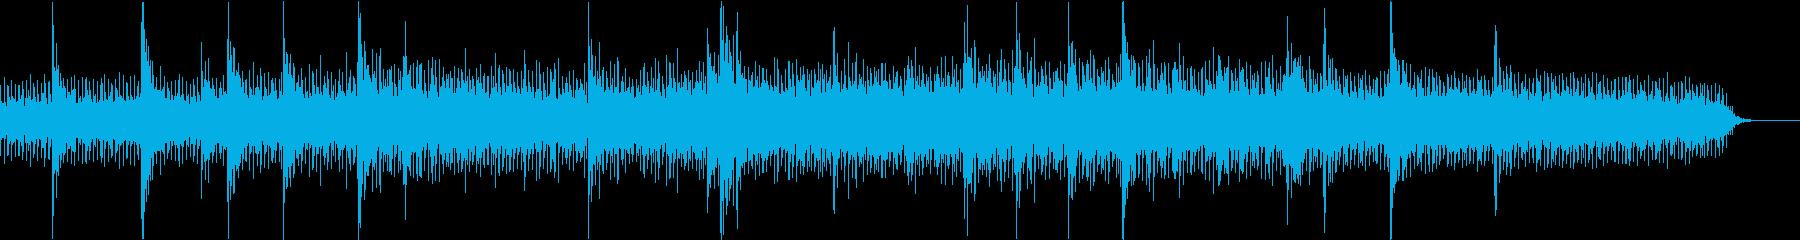 レトロ 映画的なシンセサイザー音楽 SFの再生済みの波形